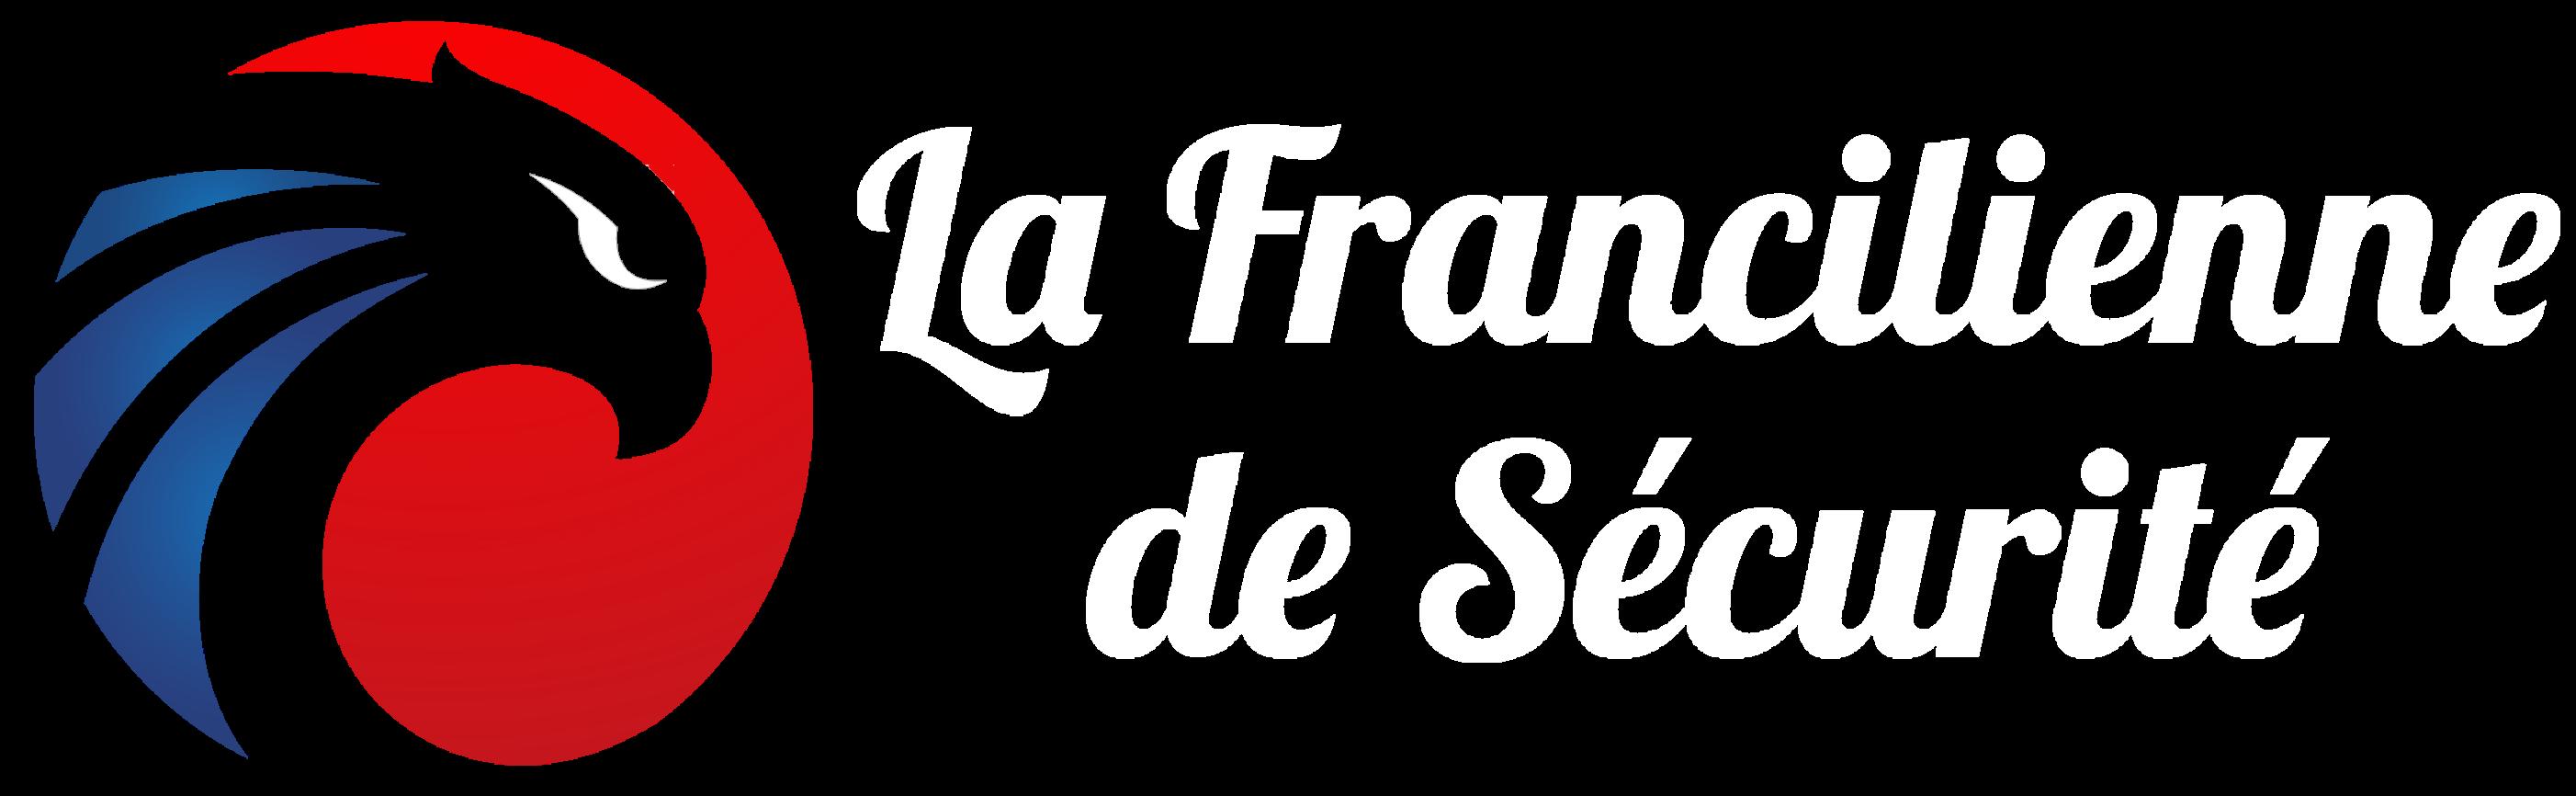 logo lfs lg